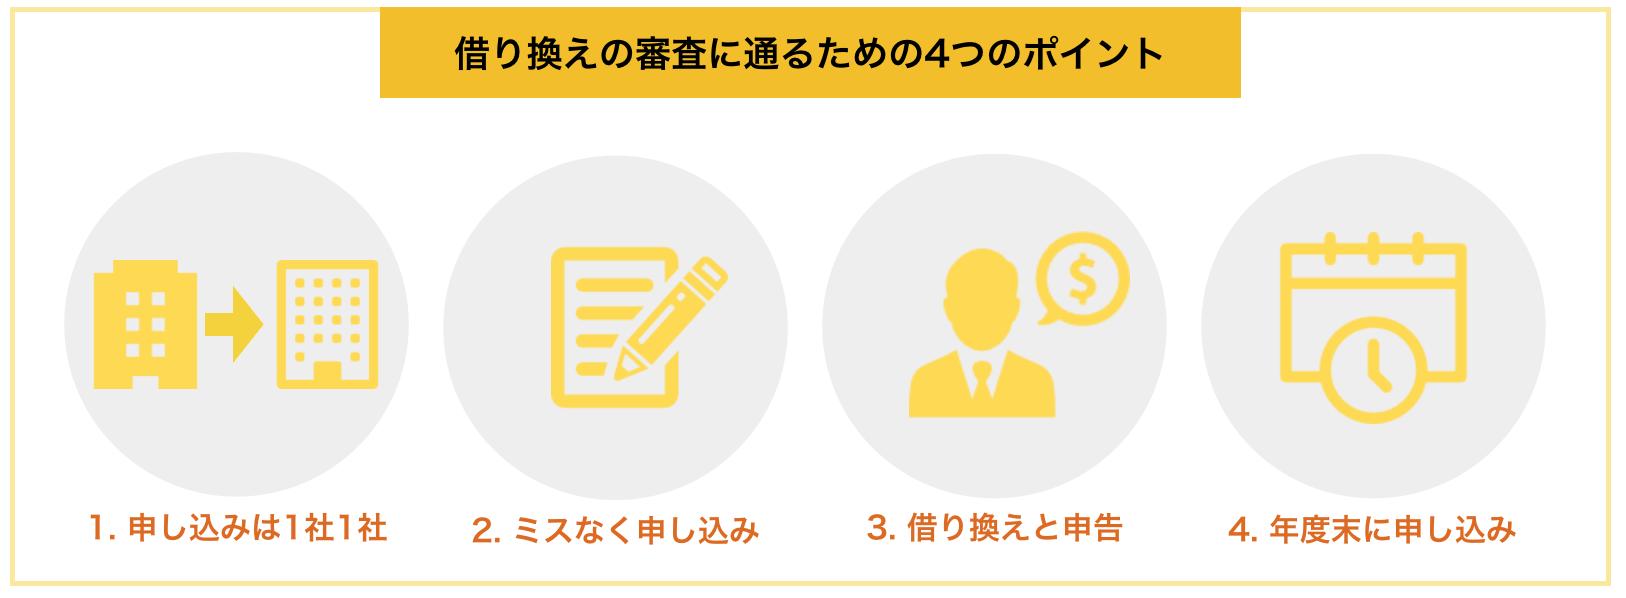 借り換えの審査に通るための4つのポイント